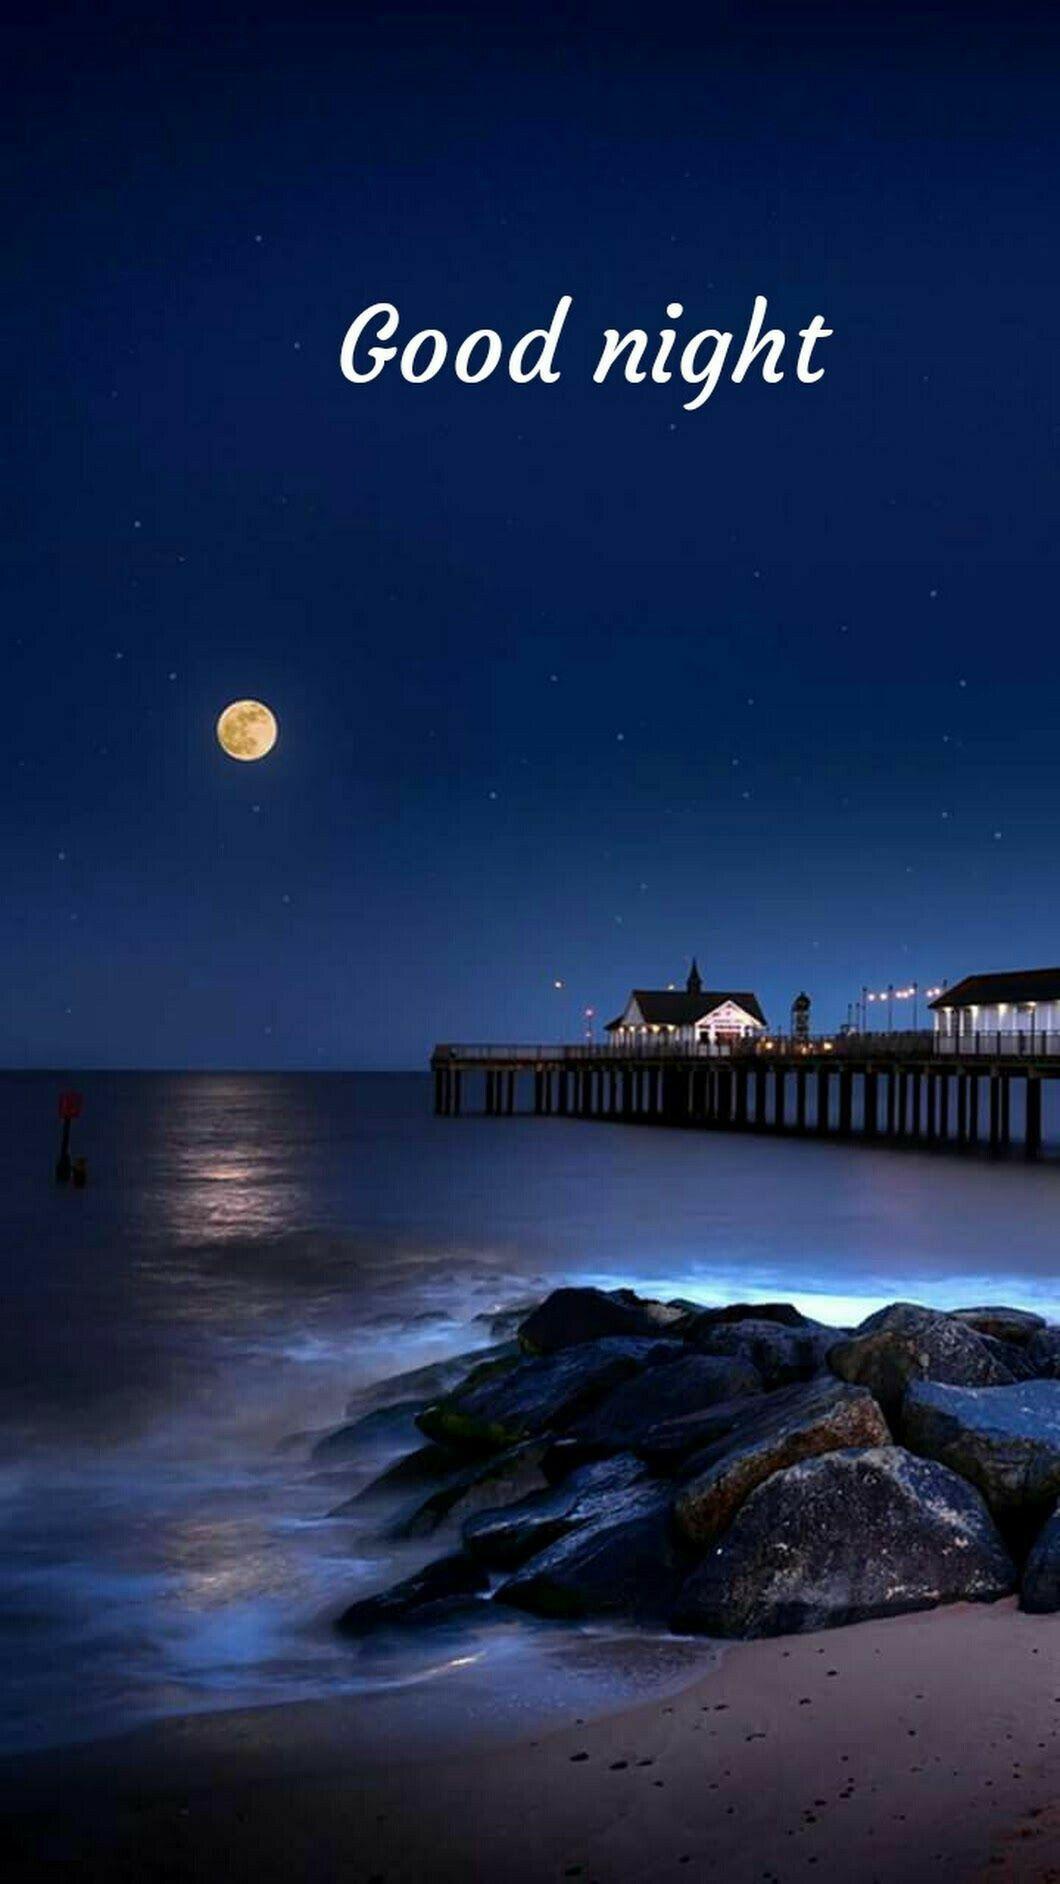 صورة مساء الخير بالانجليزي , صوره جميله لمساء الخير